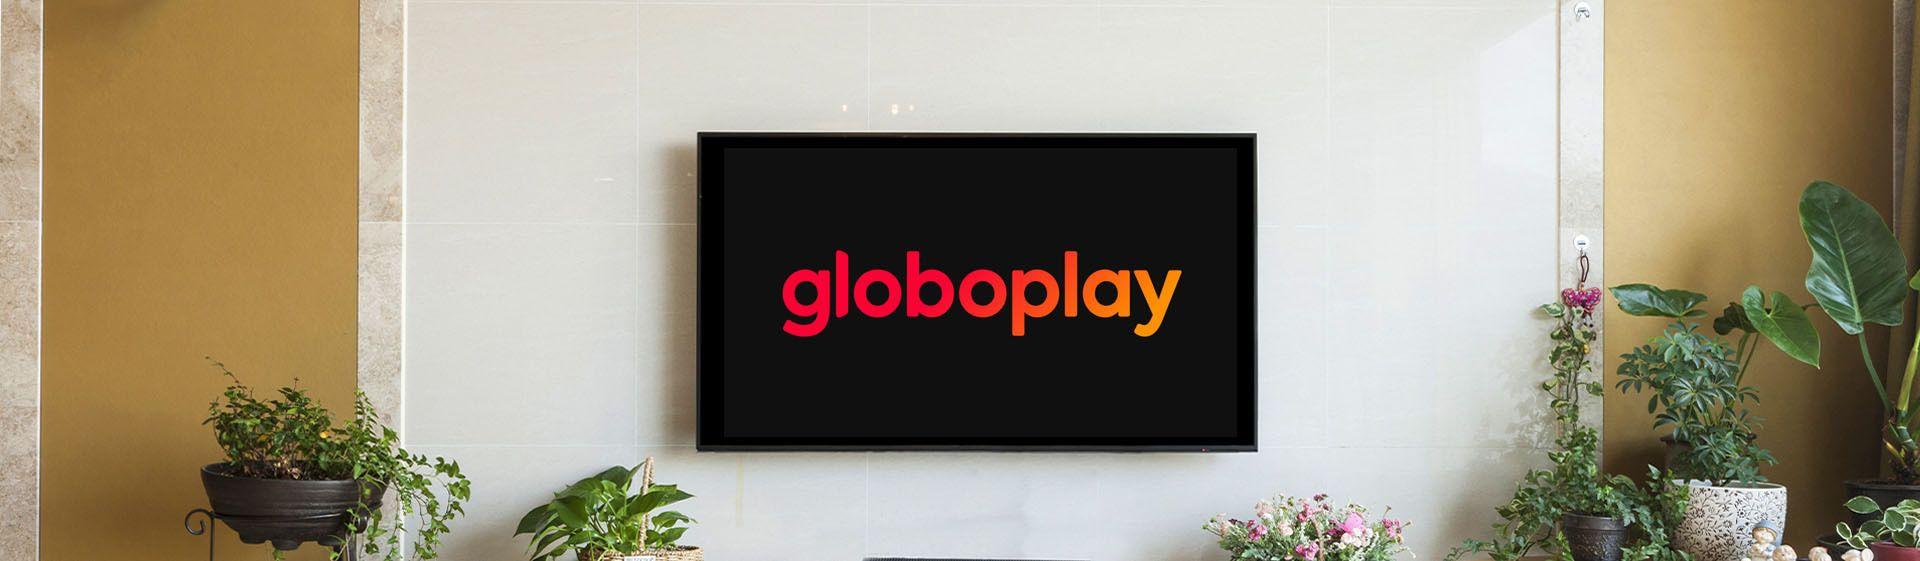 Como assistir Globoplay na TV? Confira o passo a passo